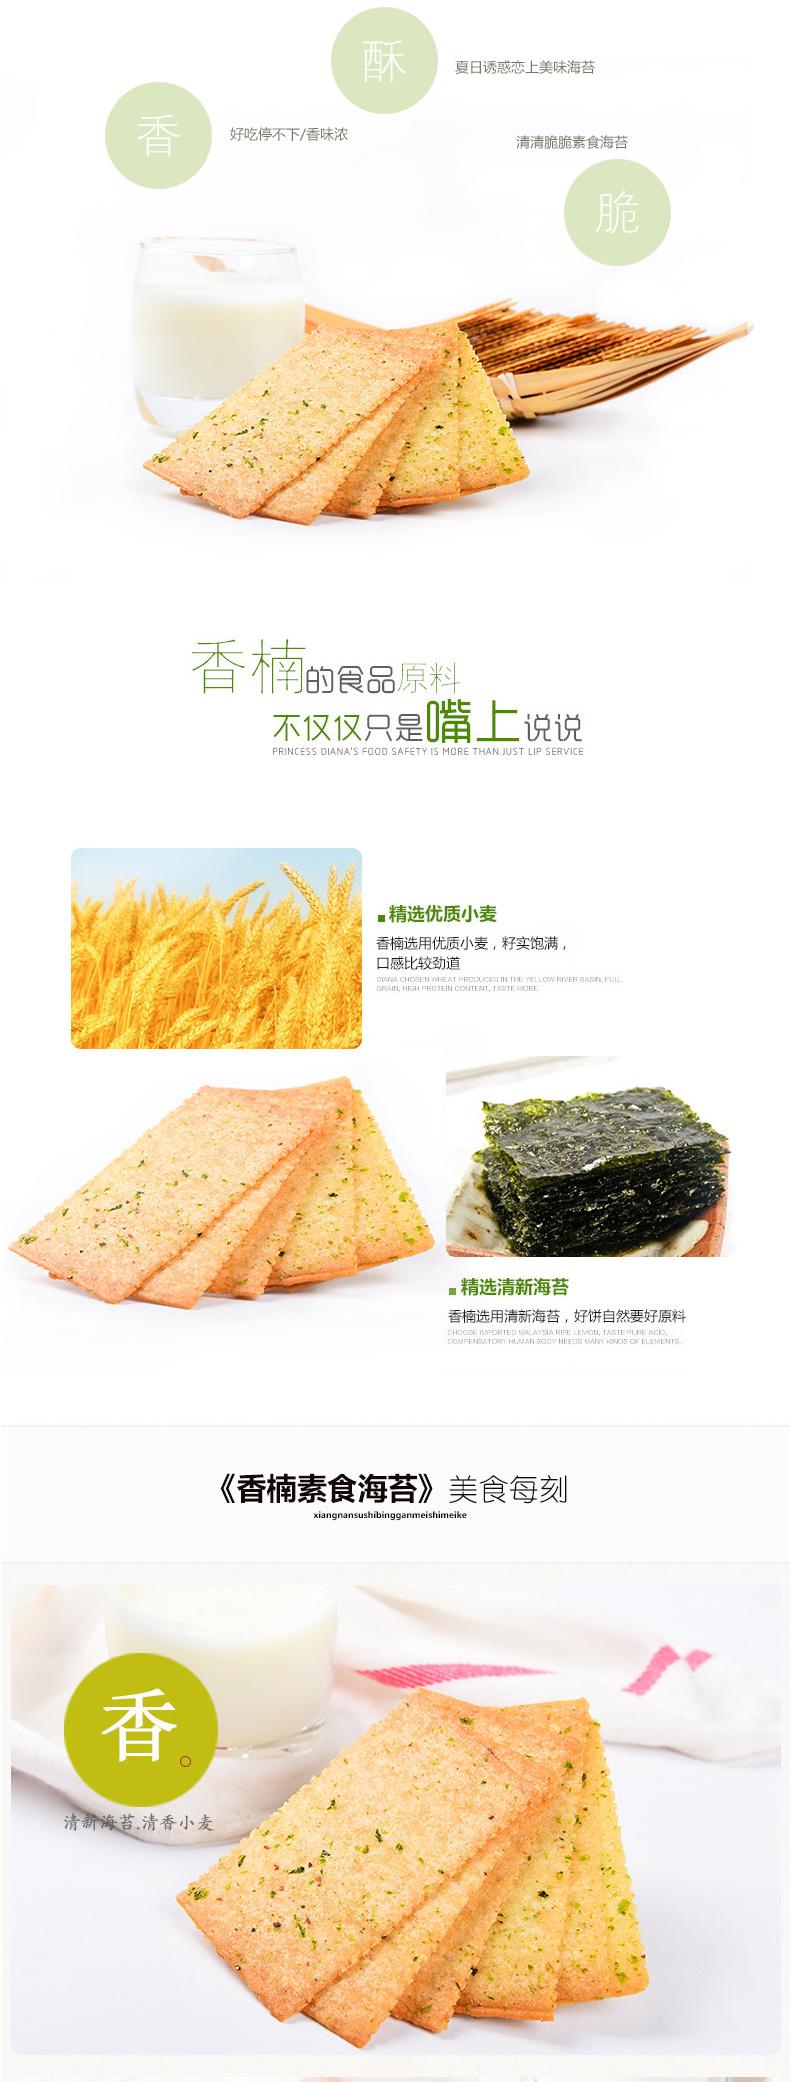 素食海苔详情_02.jpg